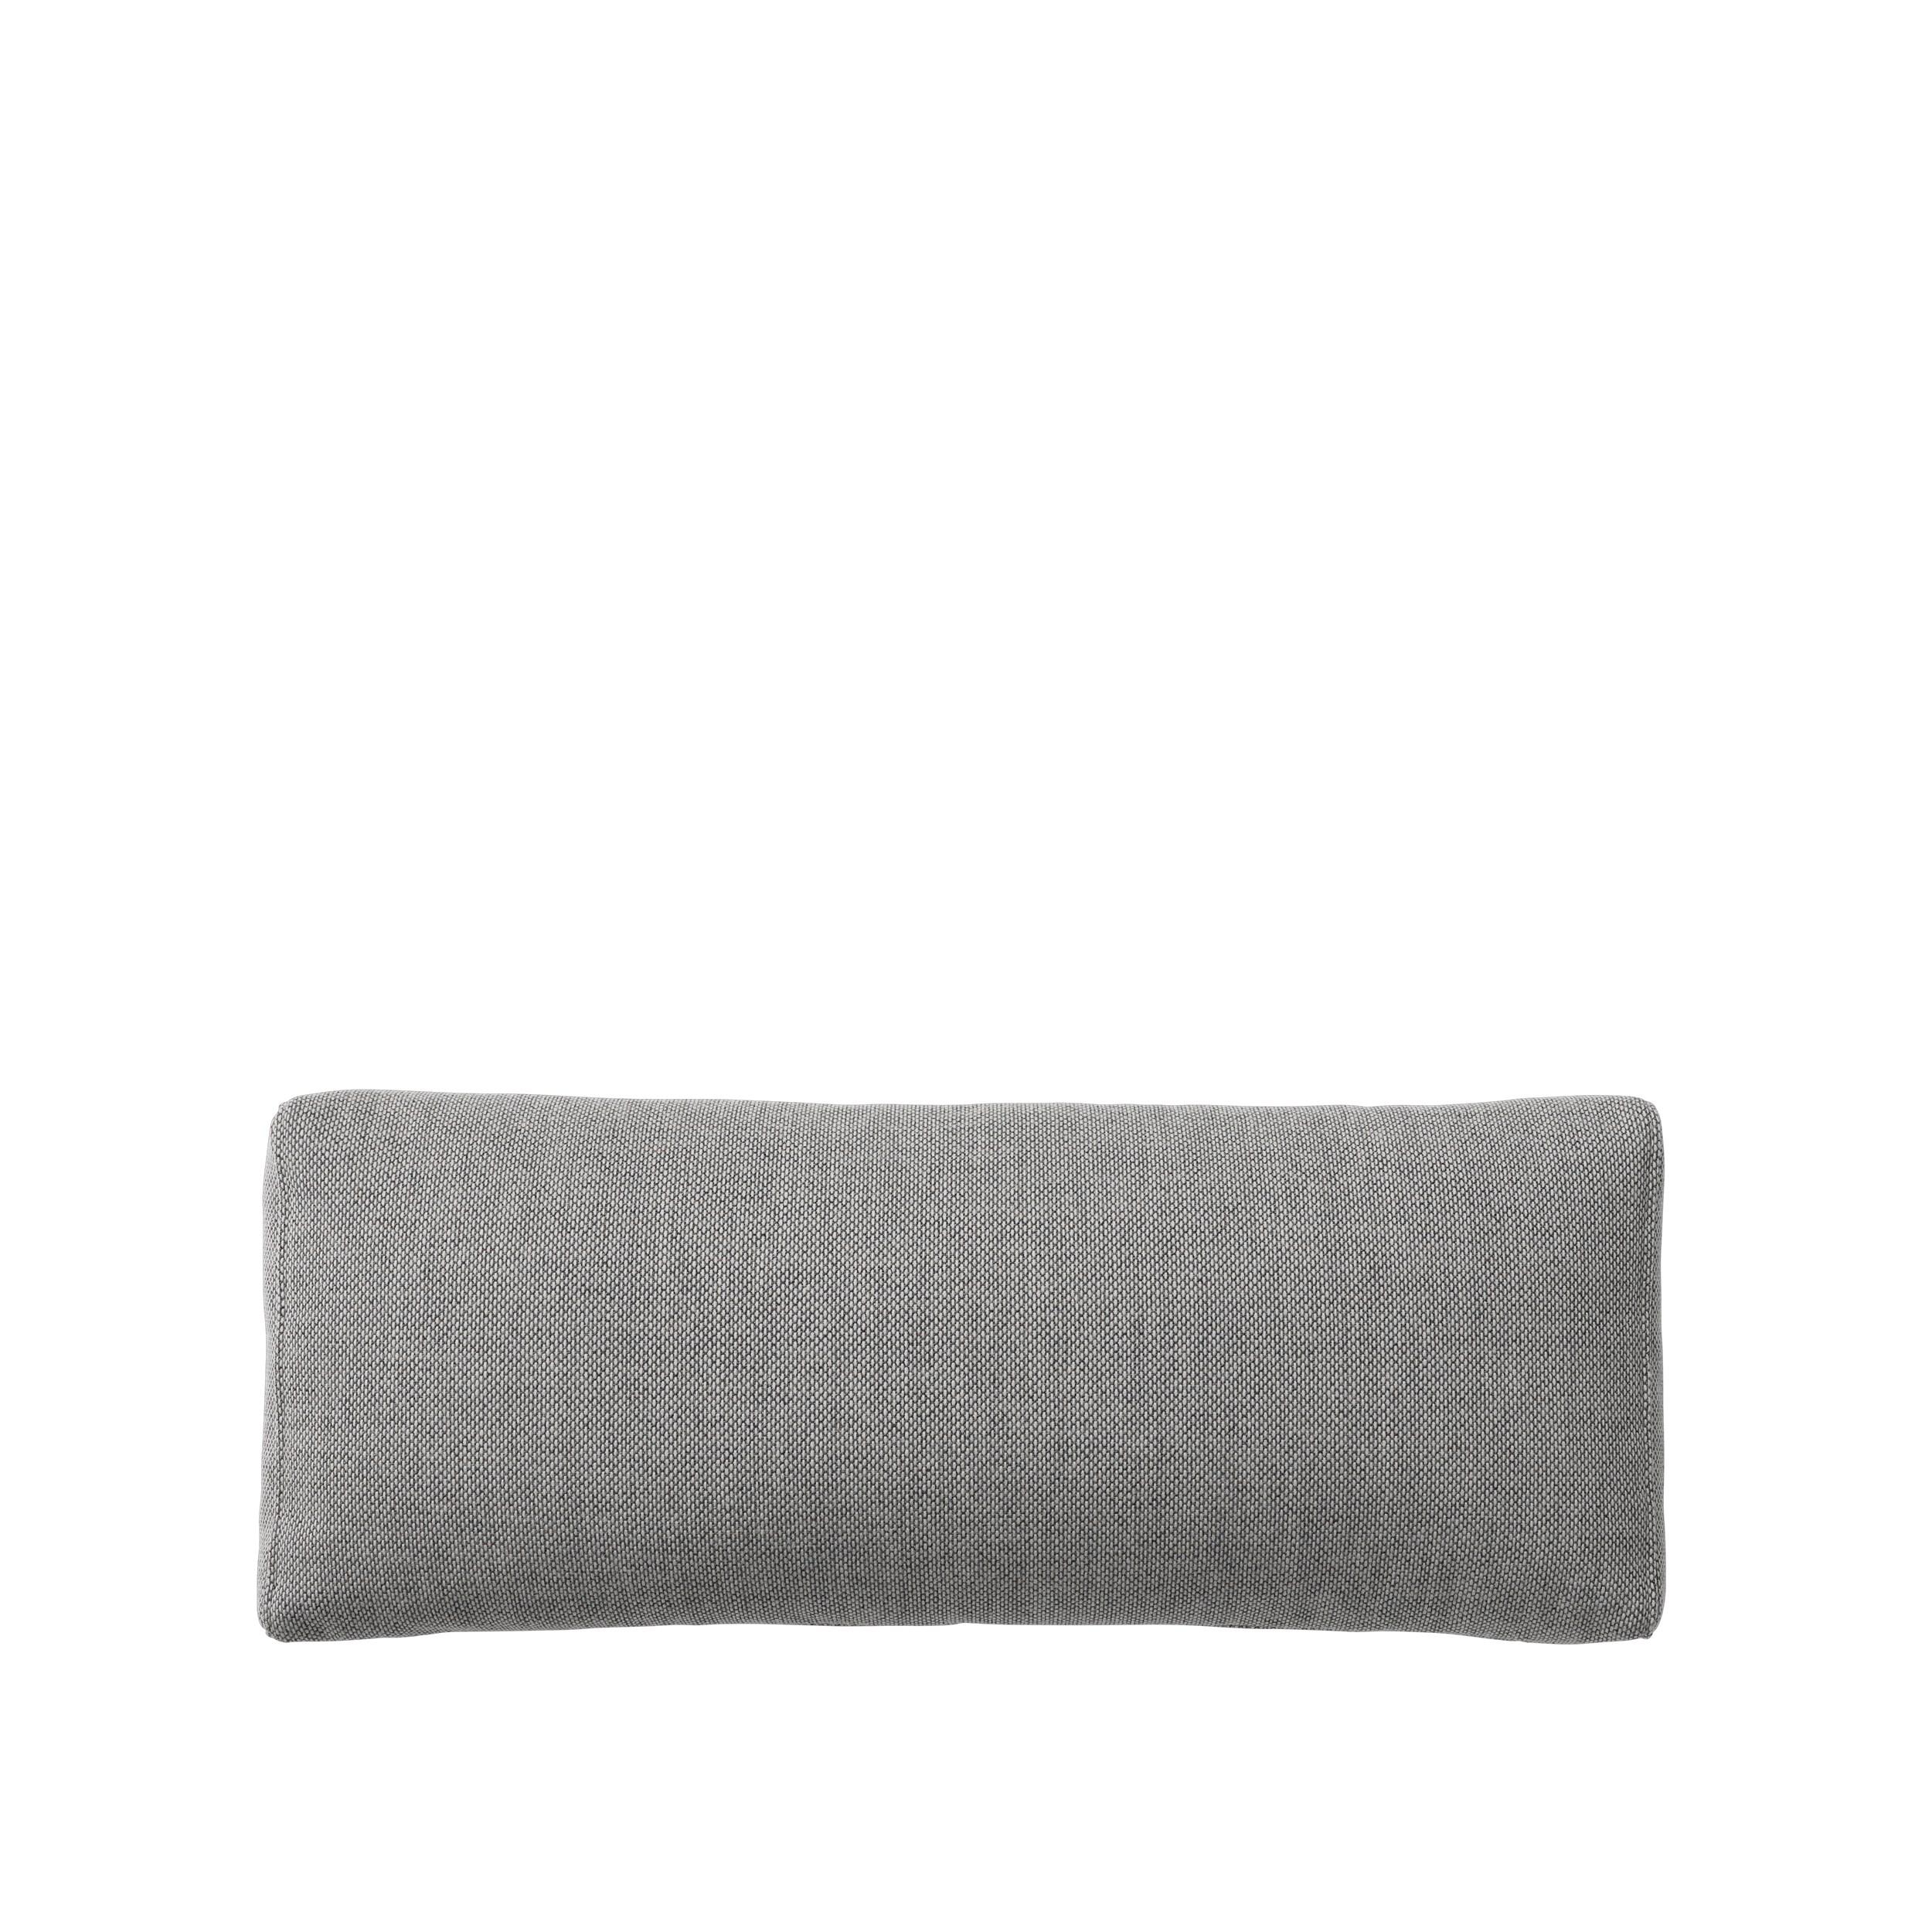 Connect SOFT modular sofa cushion